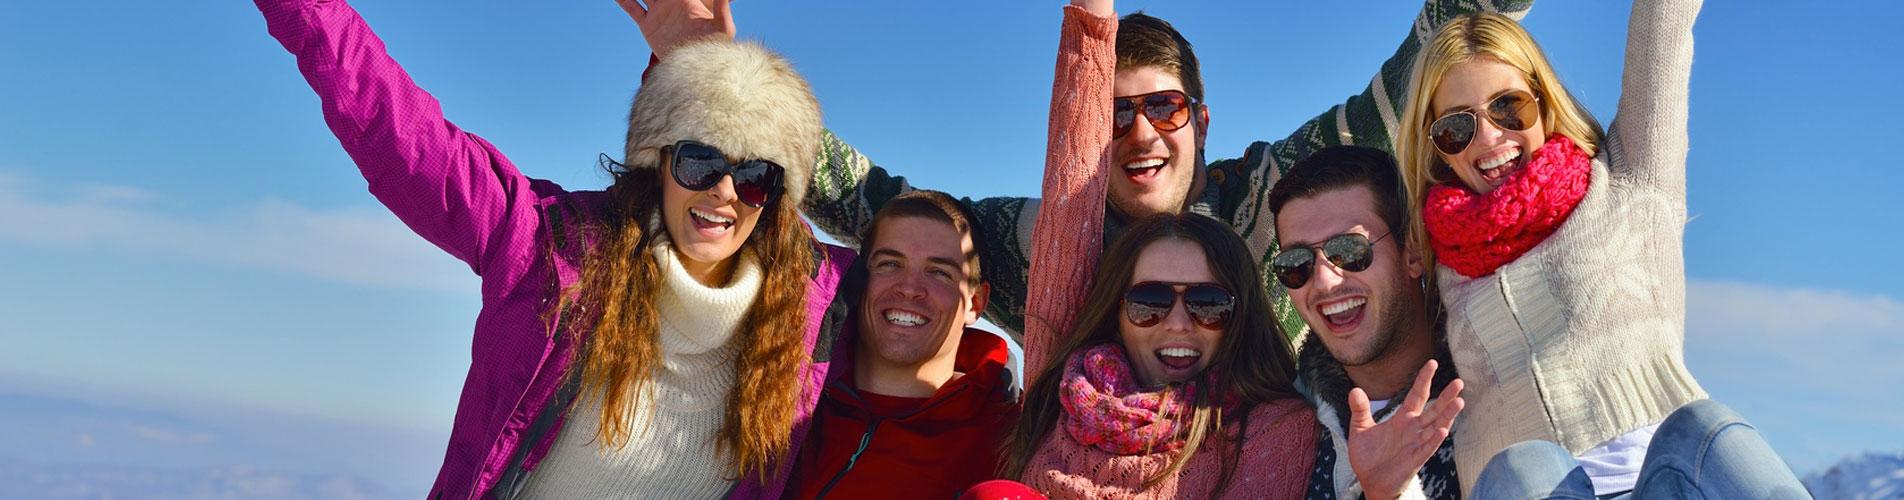 Winterreisen und Après-Ski Partys